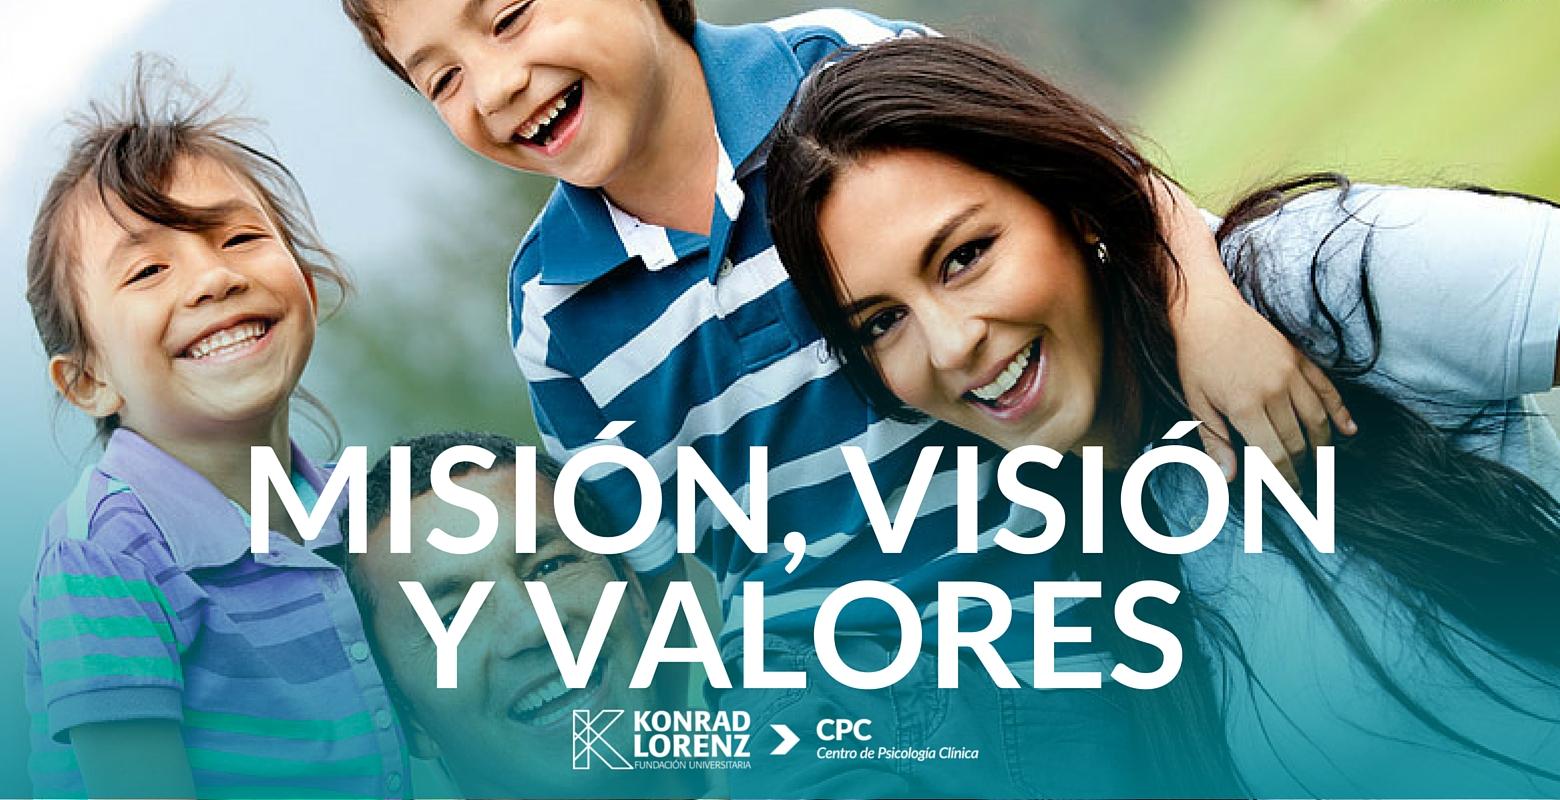 Misión, visión y valores CPC